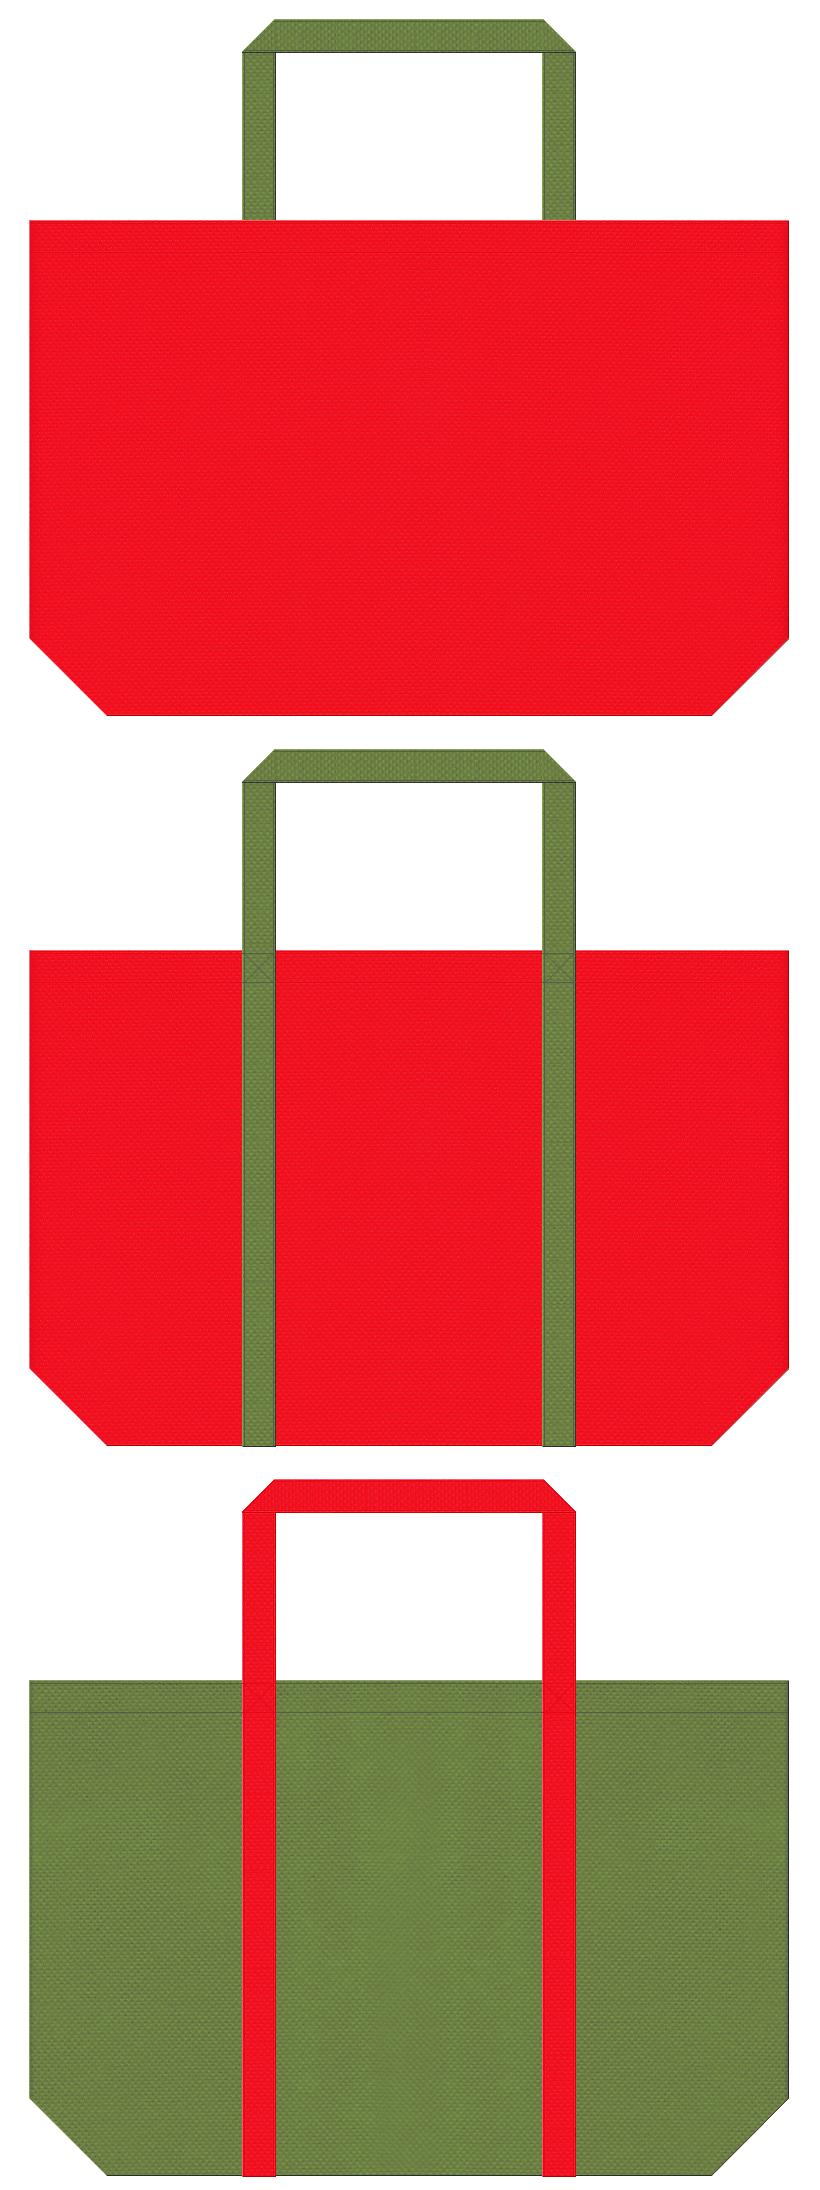 赤色と草色の不織布バッグデザイン。野天傘のイメージで、和雑貨のショッピングバッグにお奨めです。